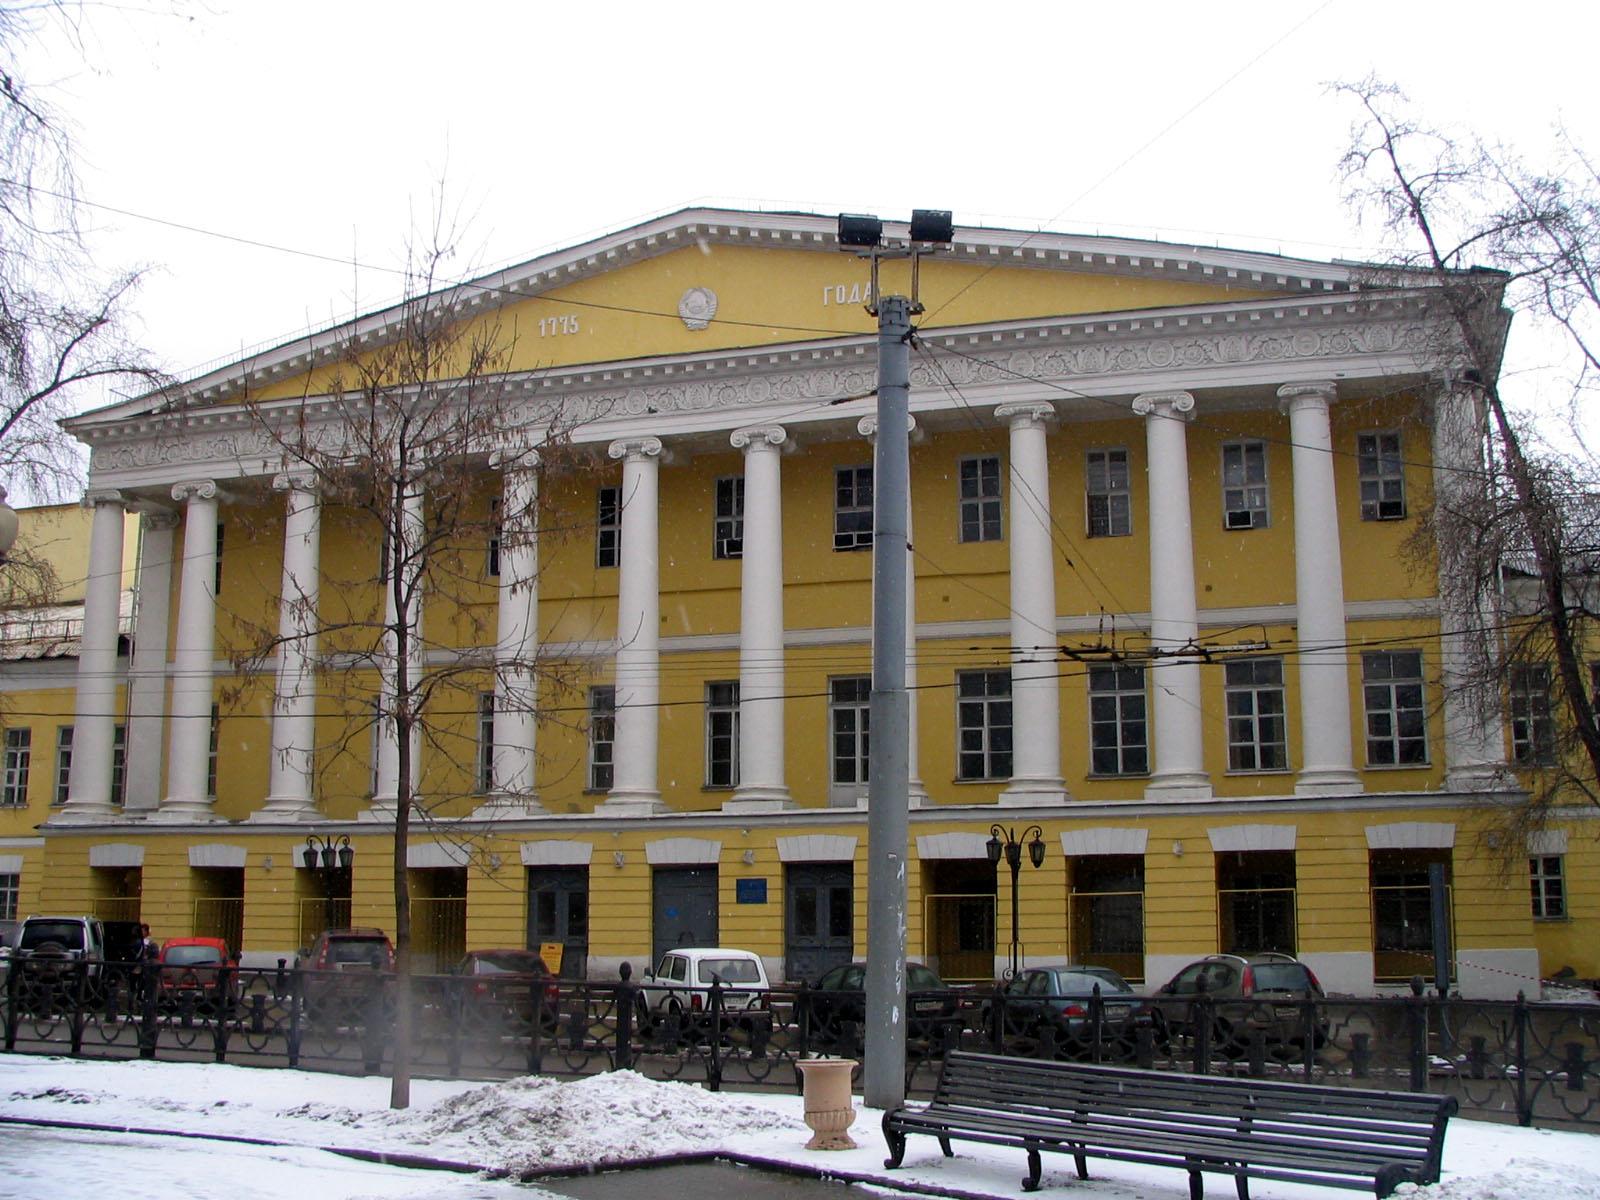 ece4dd0d1 Площадь Петровские Ворота — Википедия